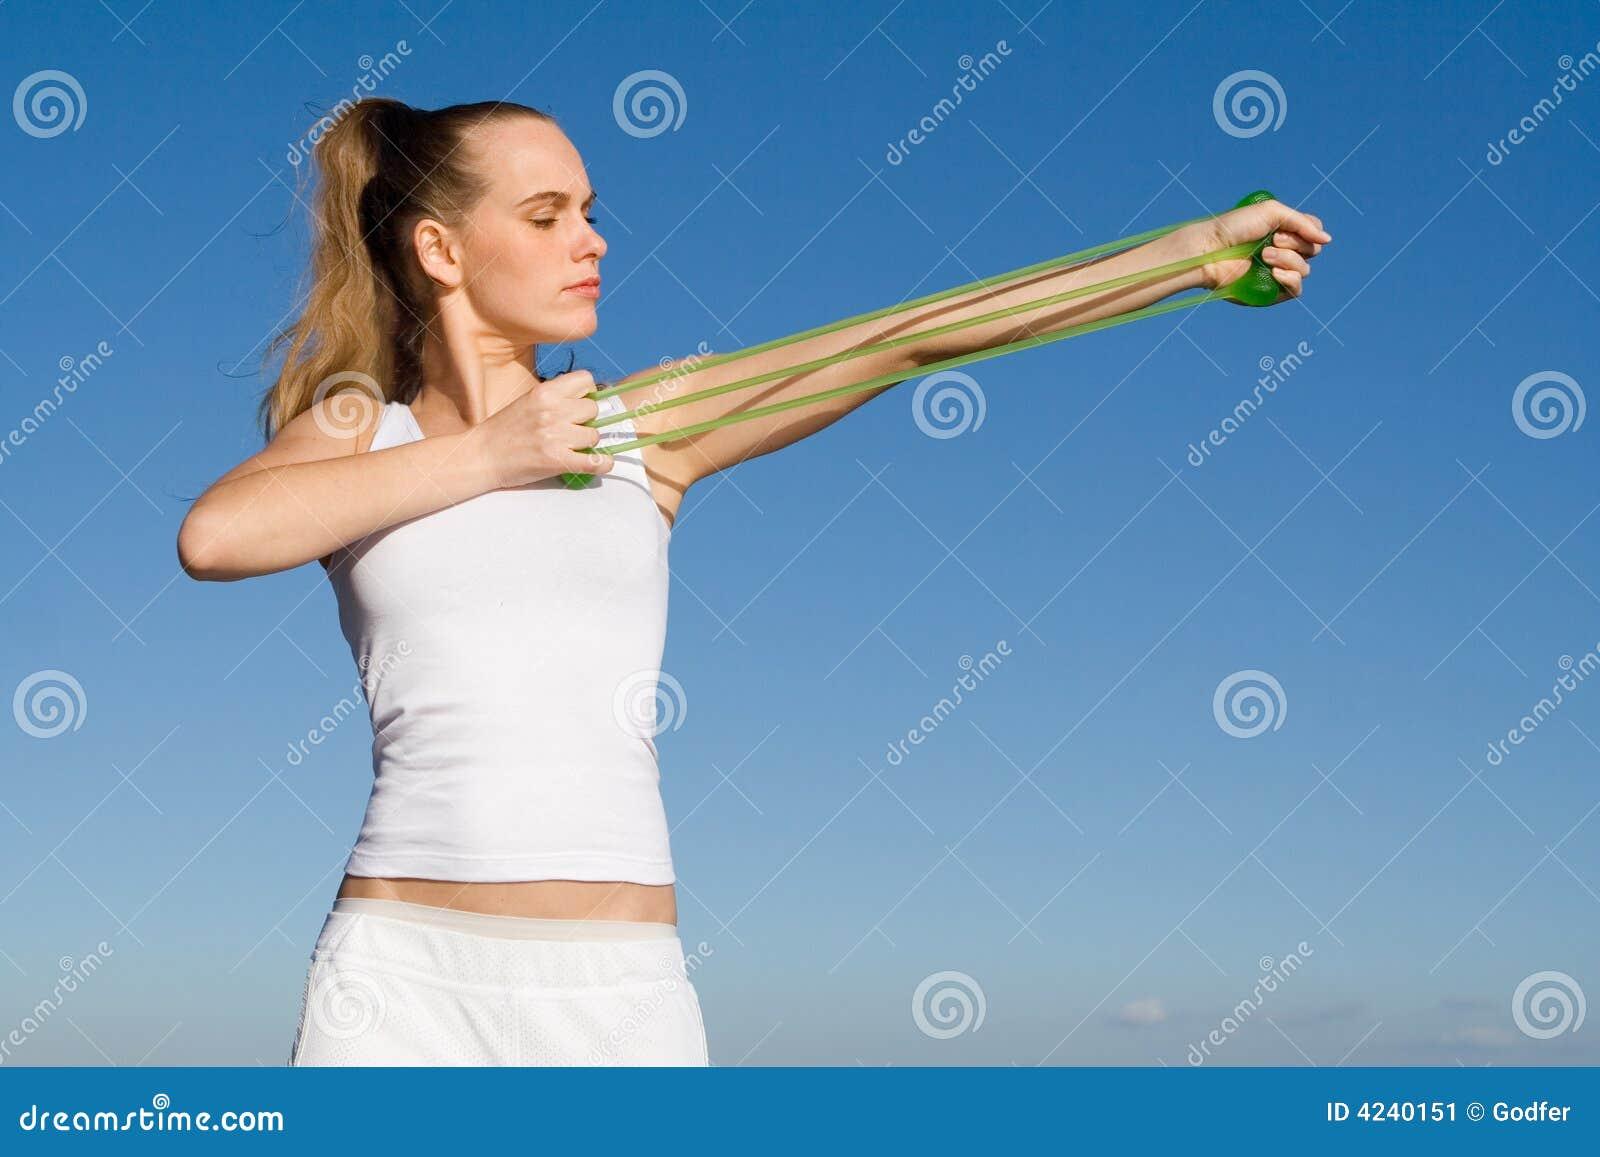 Vrouw Die Met Elastiek Uitoefent Stock Afbeelding   Beeld  4240151